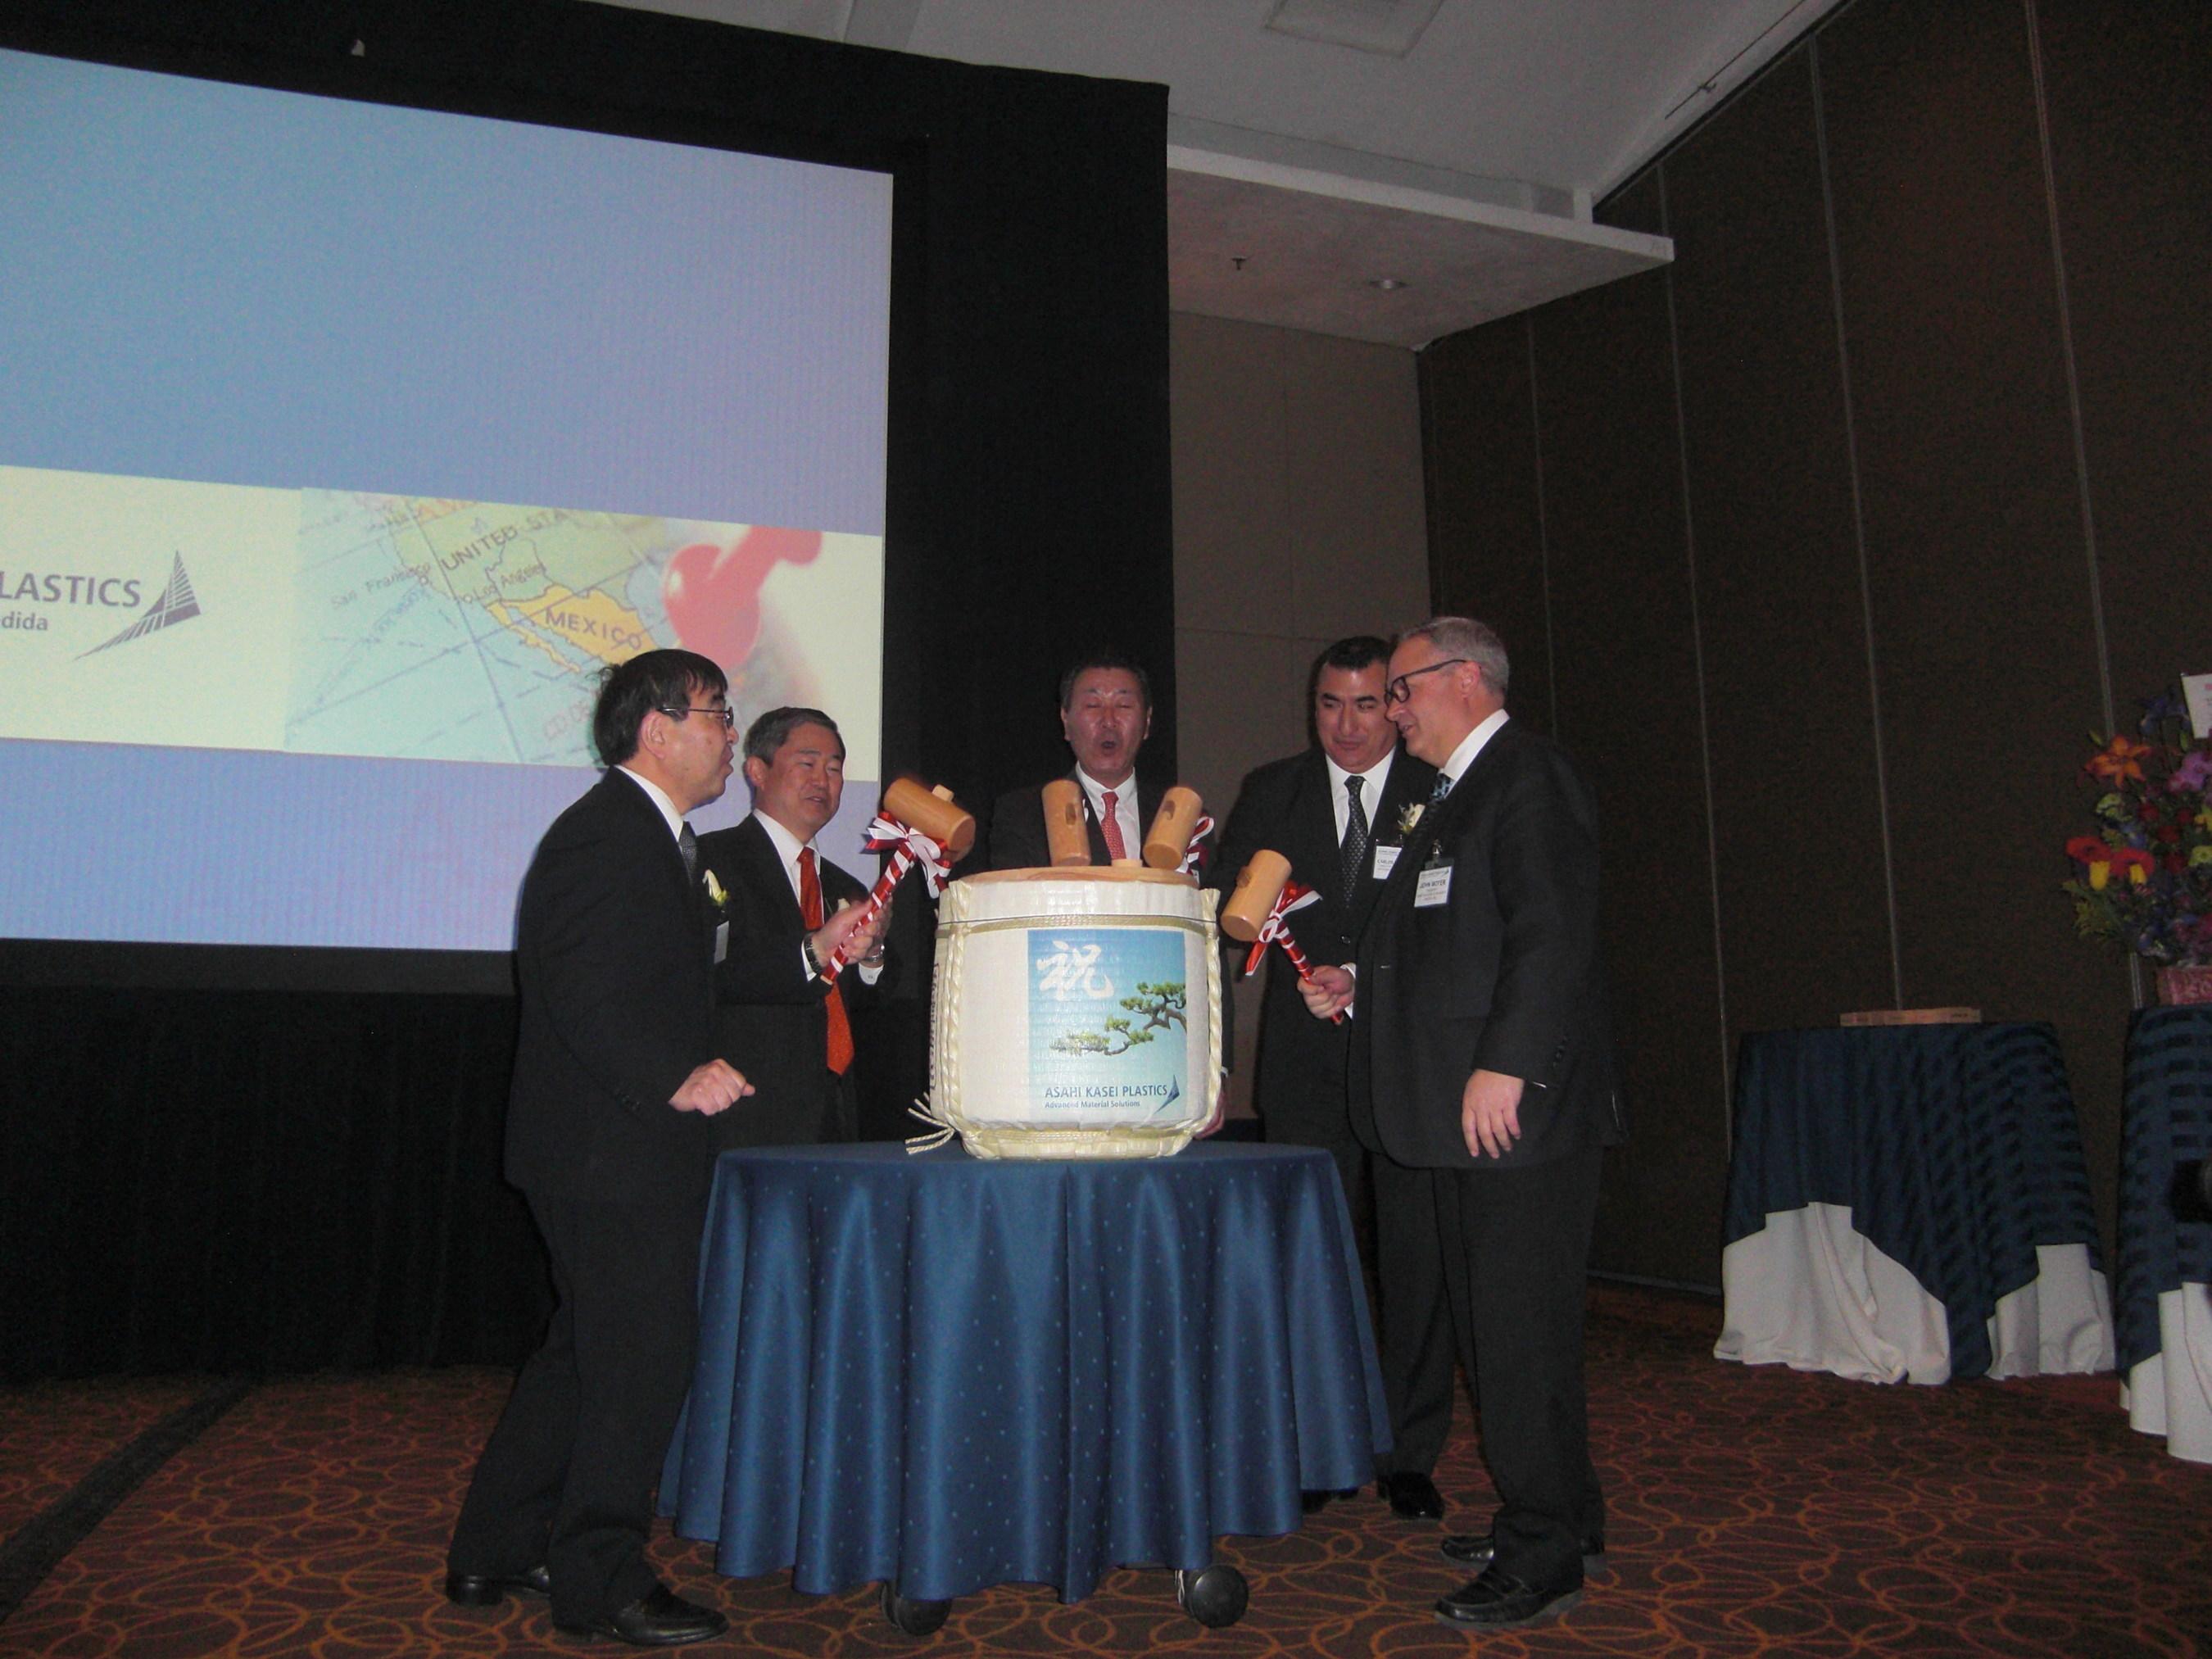 Asahi Kasei Chemicals celebra la apertura de Asahi Kasei Plastics Mexico S.A. de C.V.